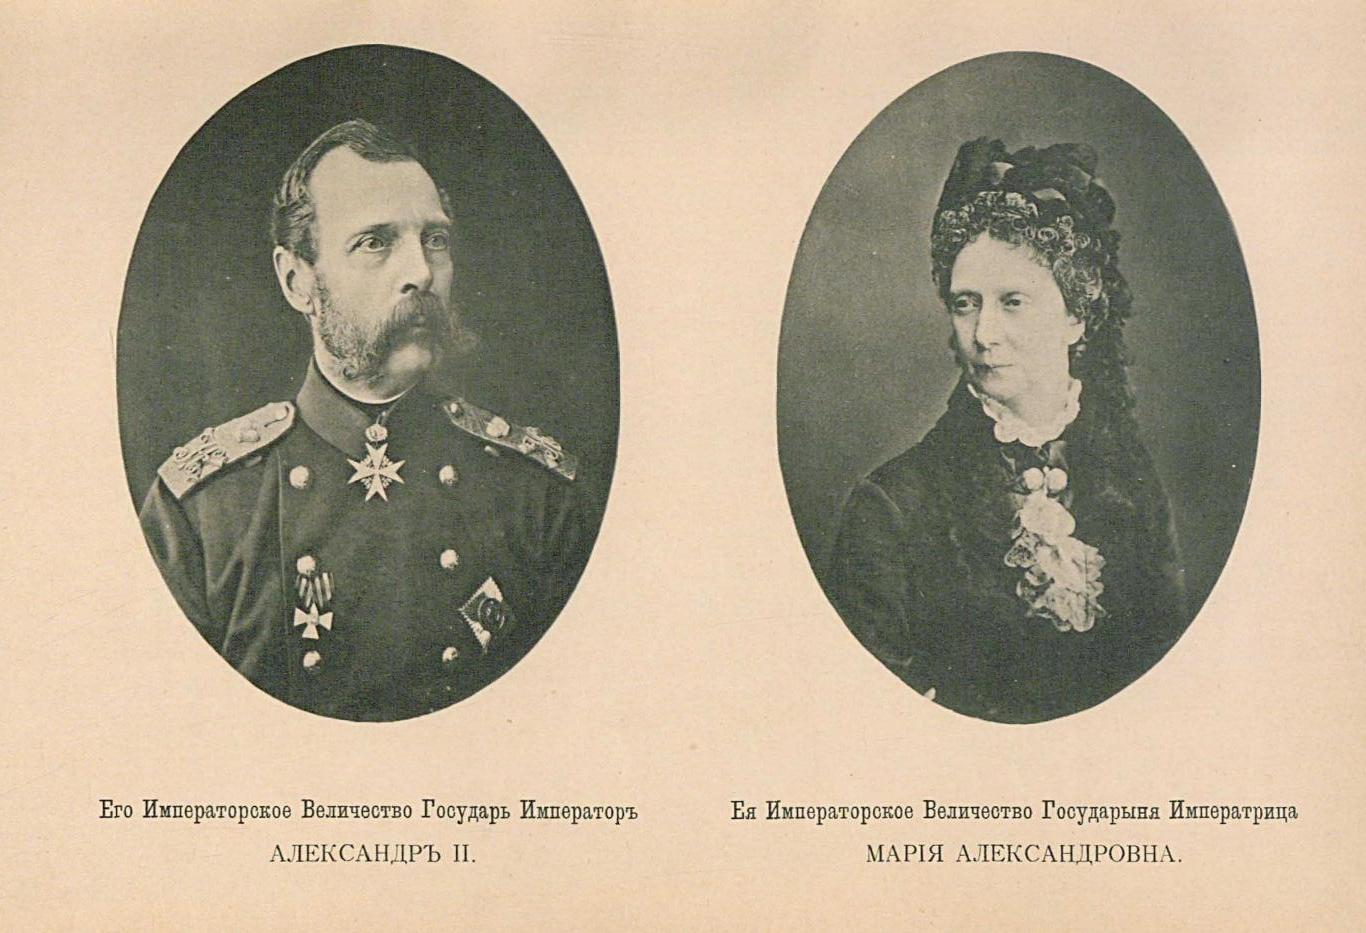 Его Императорское Величество Государь Император Александр II. Её Императорское Величество Государыня Императрица Мария Александровна